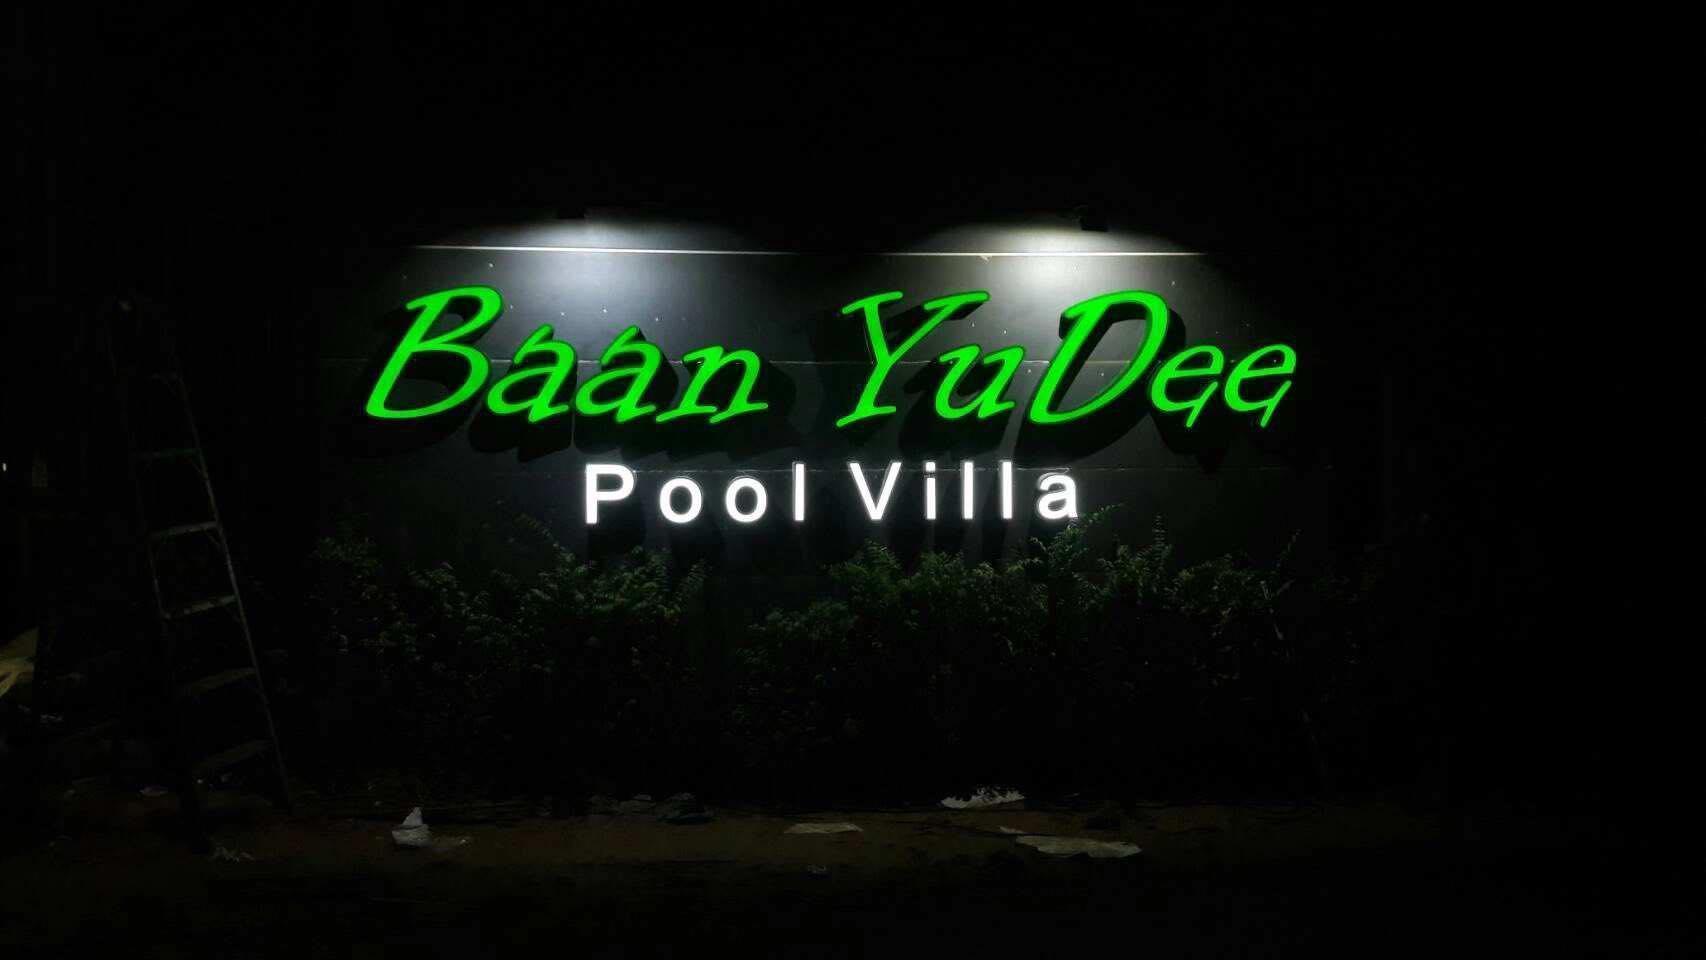 Yudee Pool Villa Pattaya วิลลา 3 ห้องนอน 3 ห้องน้ำส่วนตัว ขนาด 400 ตร.ม. – ห้วยใหญ่